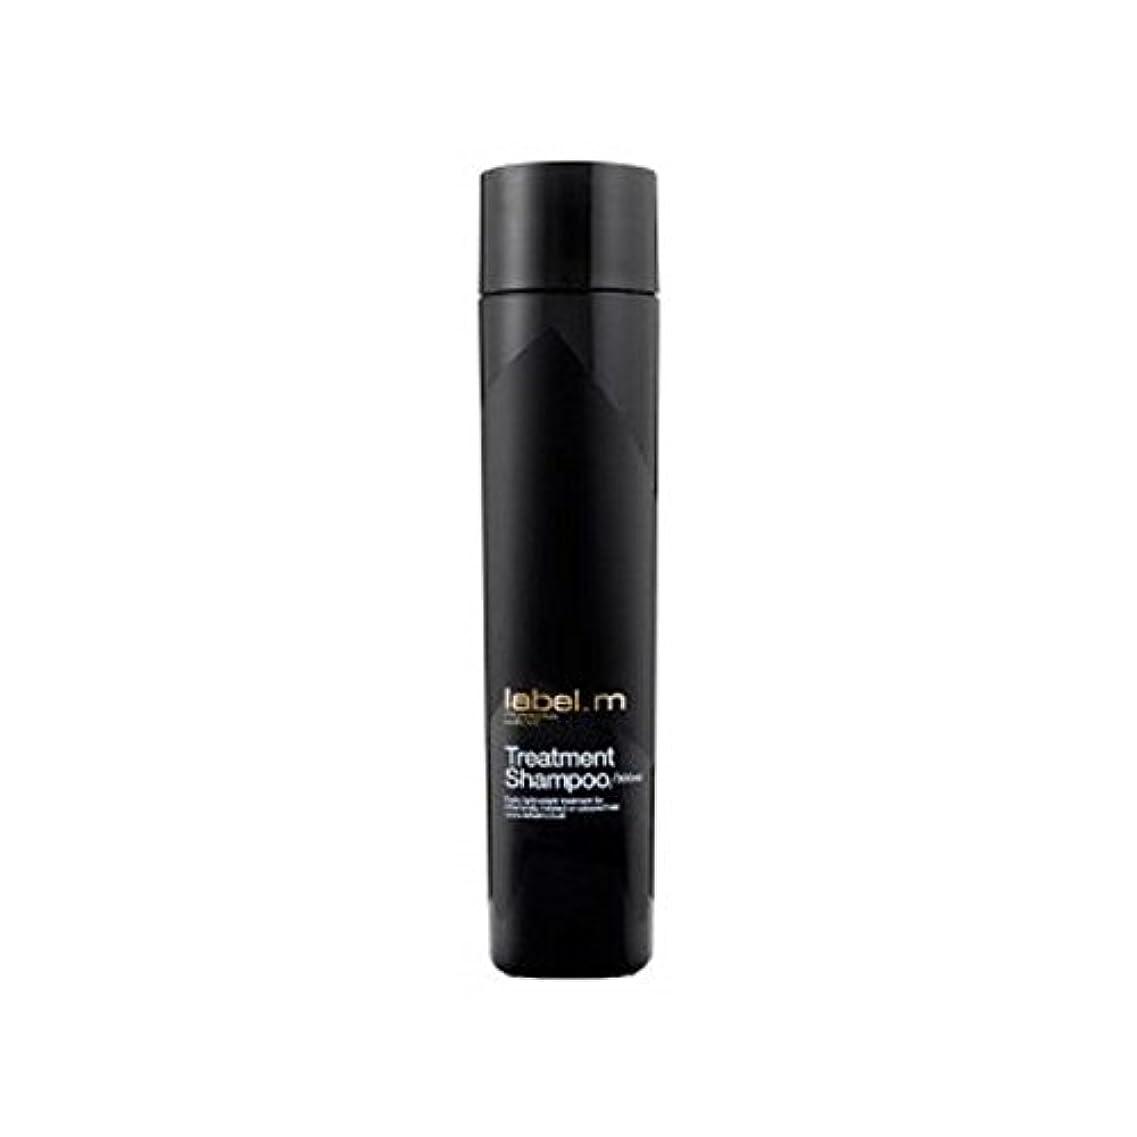 減らす考古学者マングルLabel.M Treatment Shampoo (300ml) (Pack of 6) - .トリートメントシャンプー(300ミリリットル) x6 [並行輸入品]